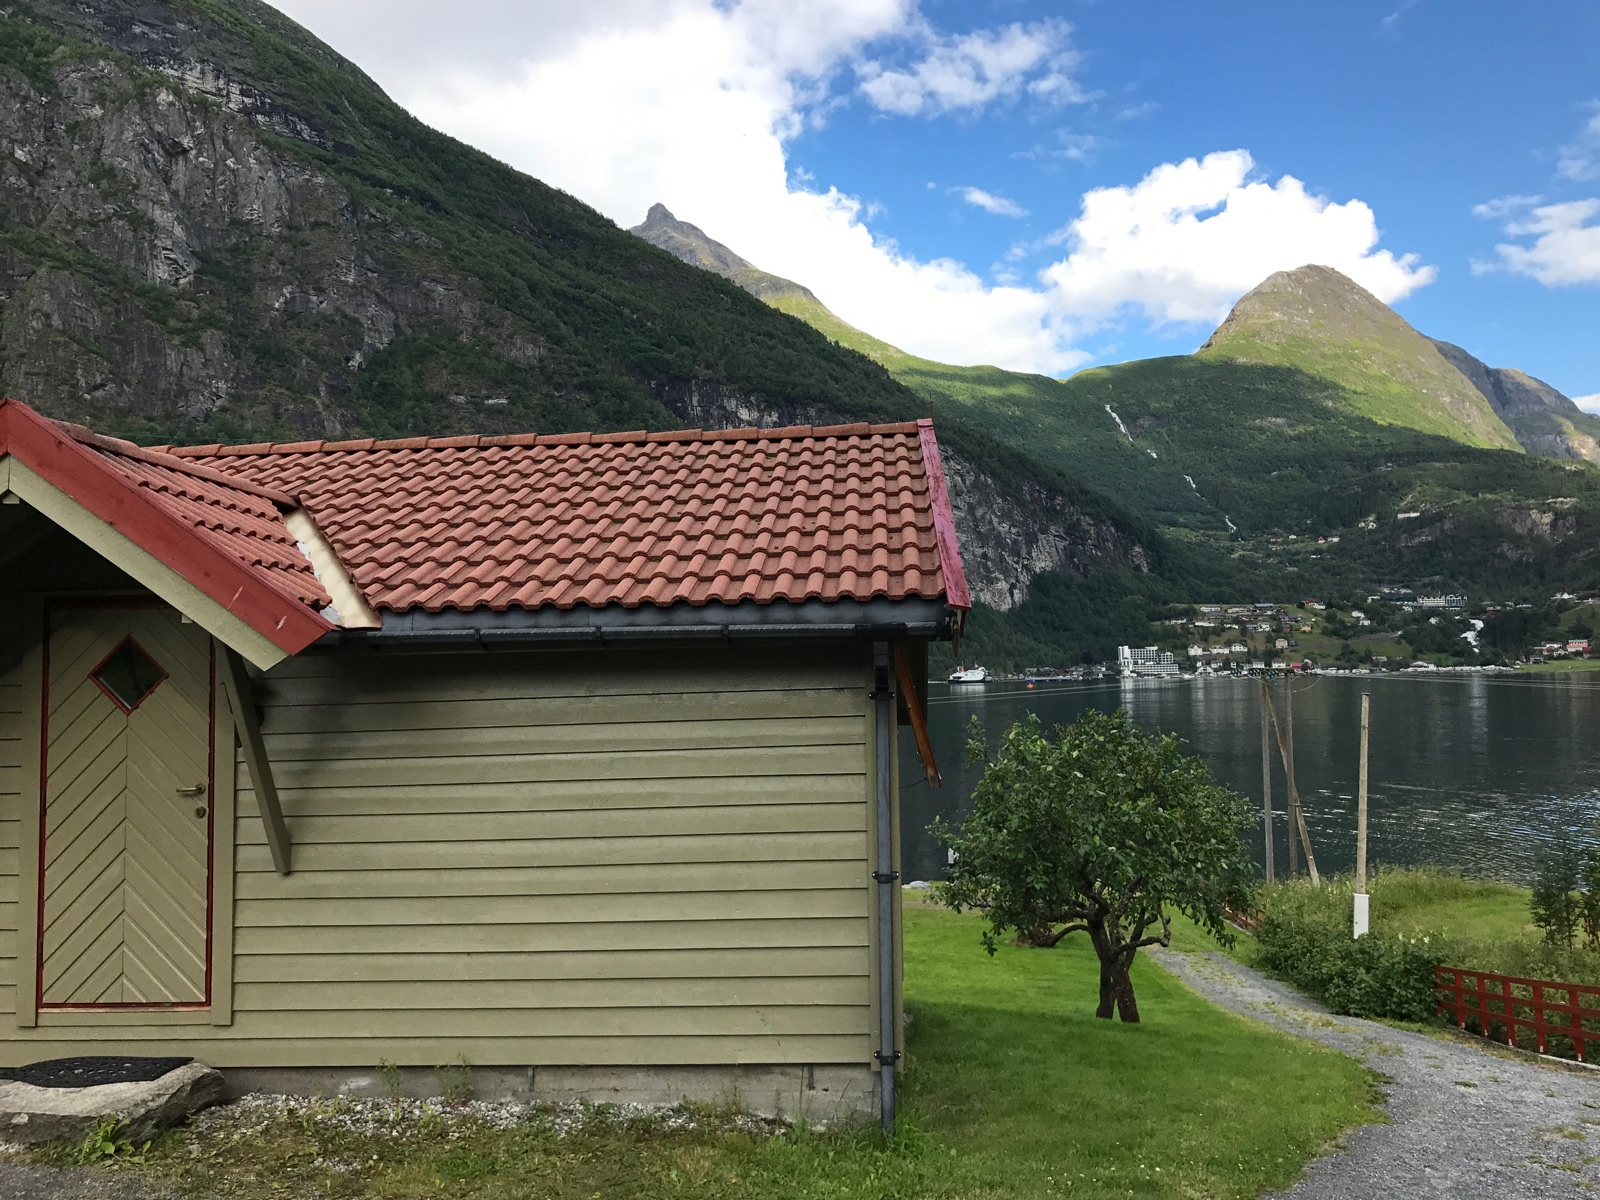 Geiranger cabins